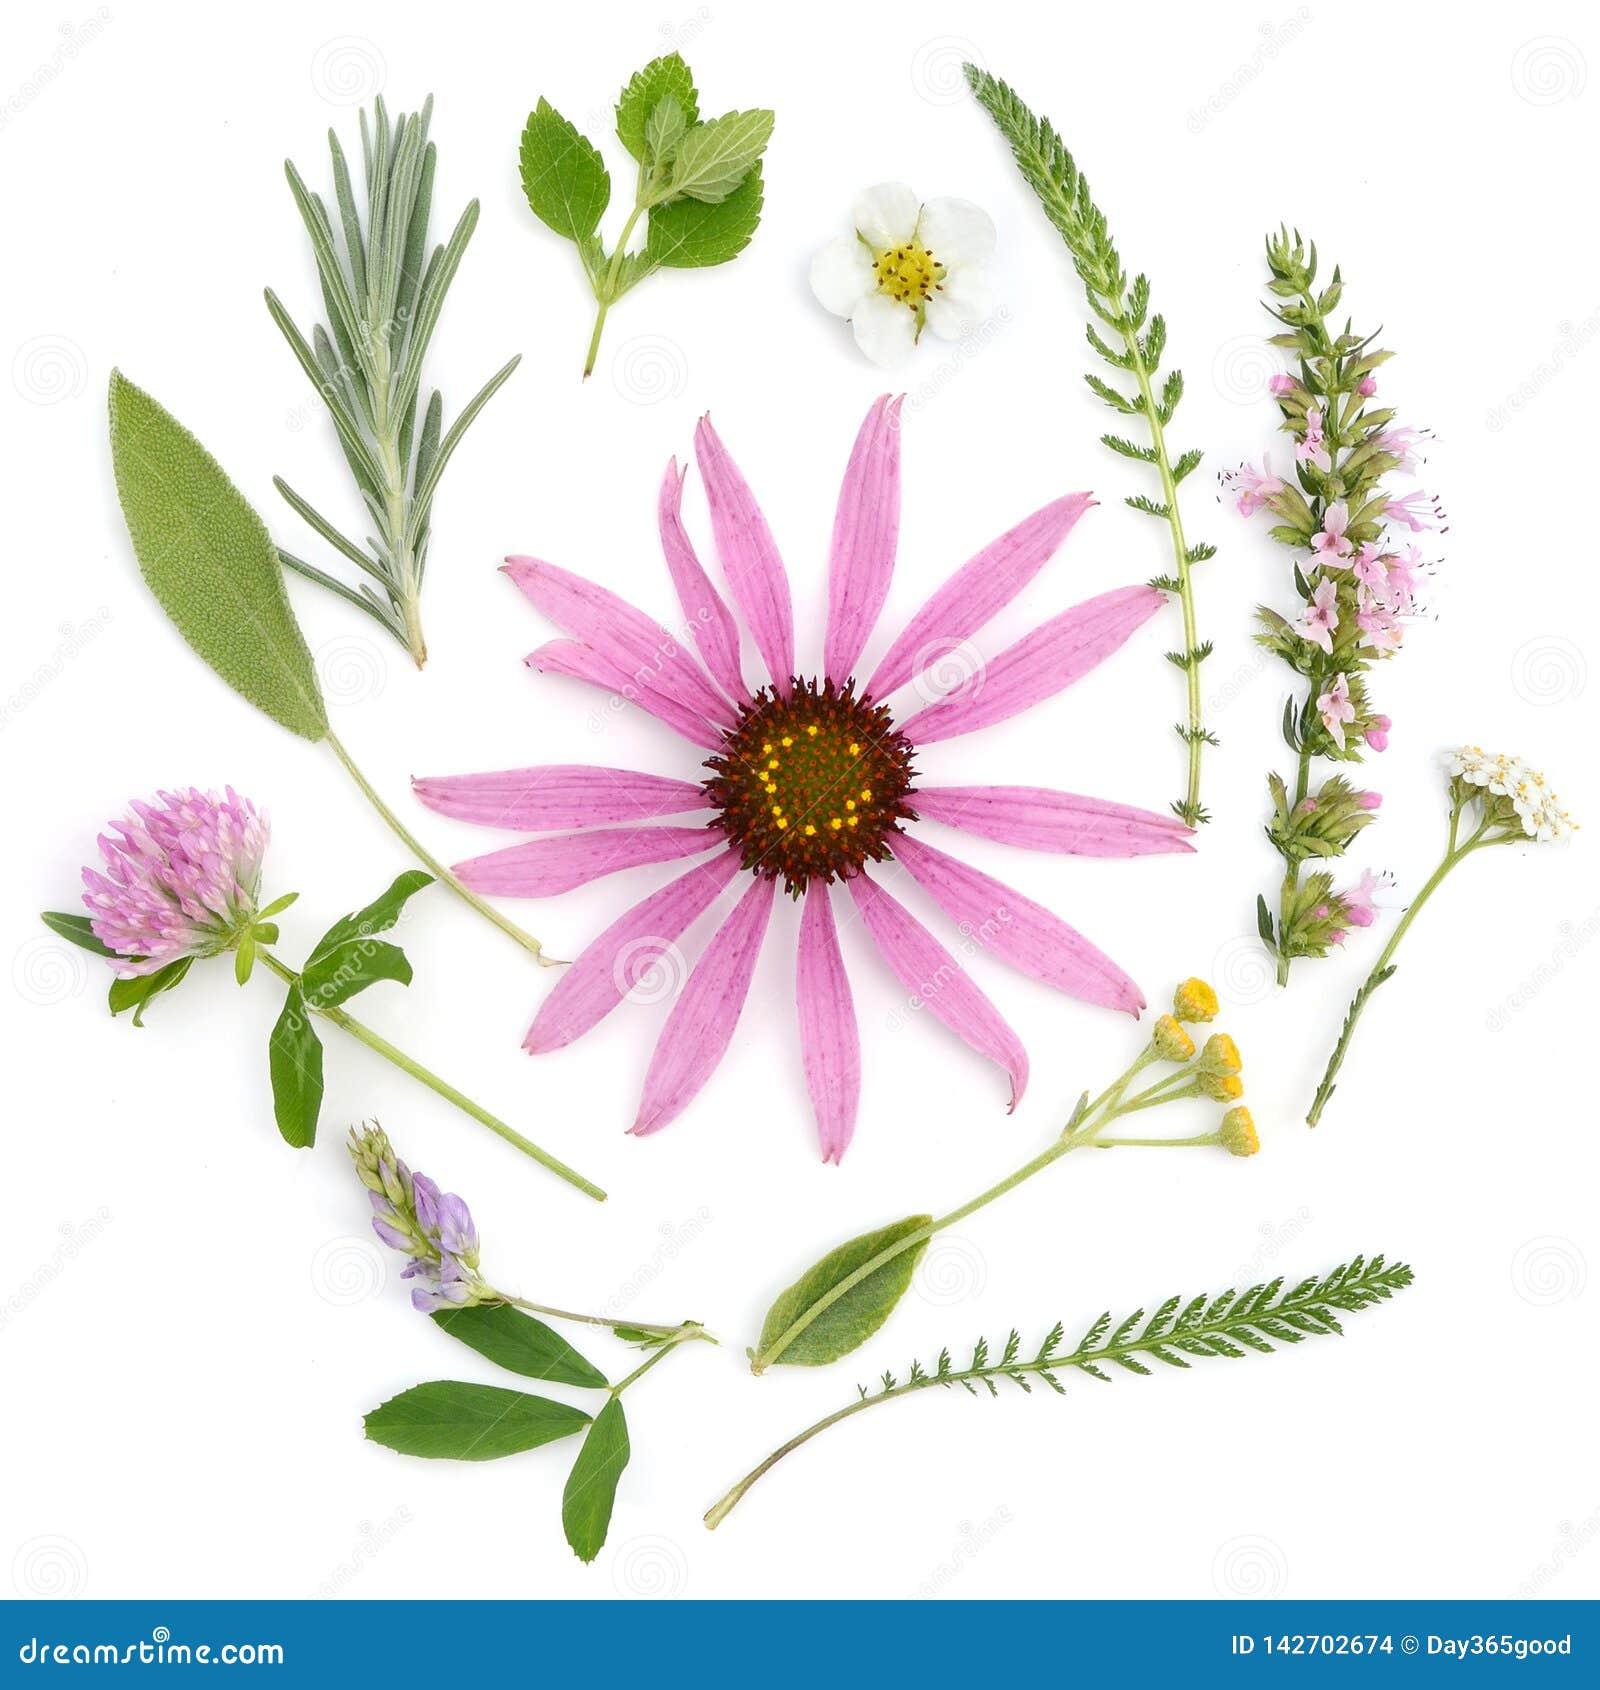 医治草本 海胆亚目,三叶草,欧蓍草,海索草,贤哲,紫花苜蓿,淡紫色,香蜂草药用植物和花花束